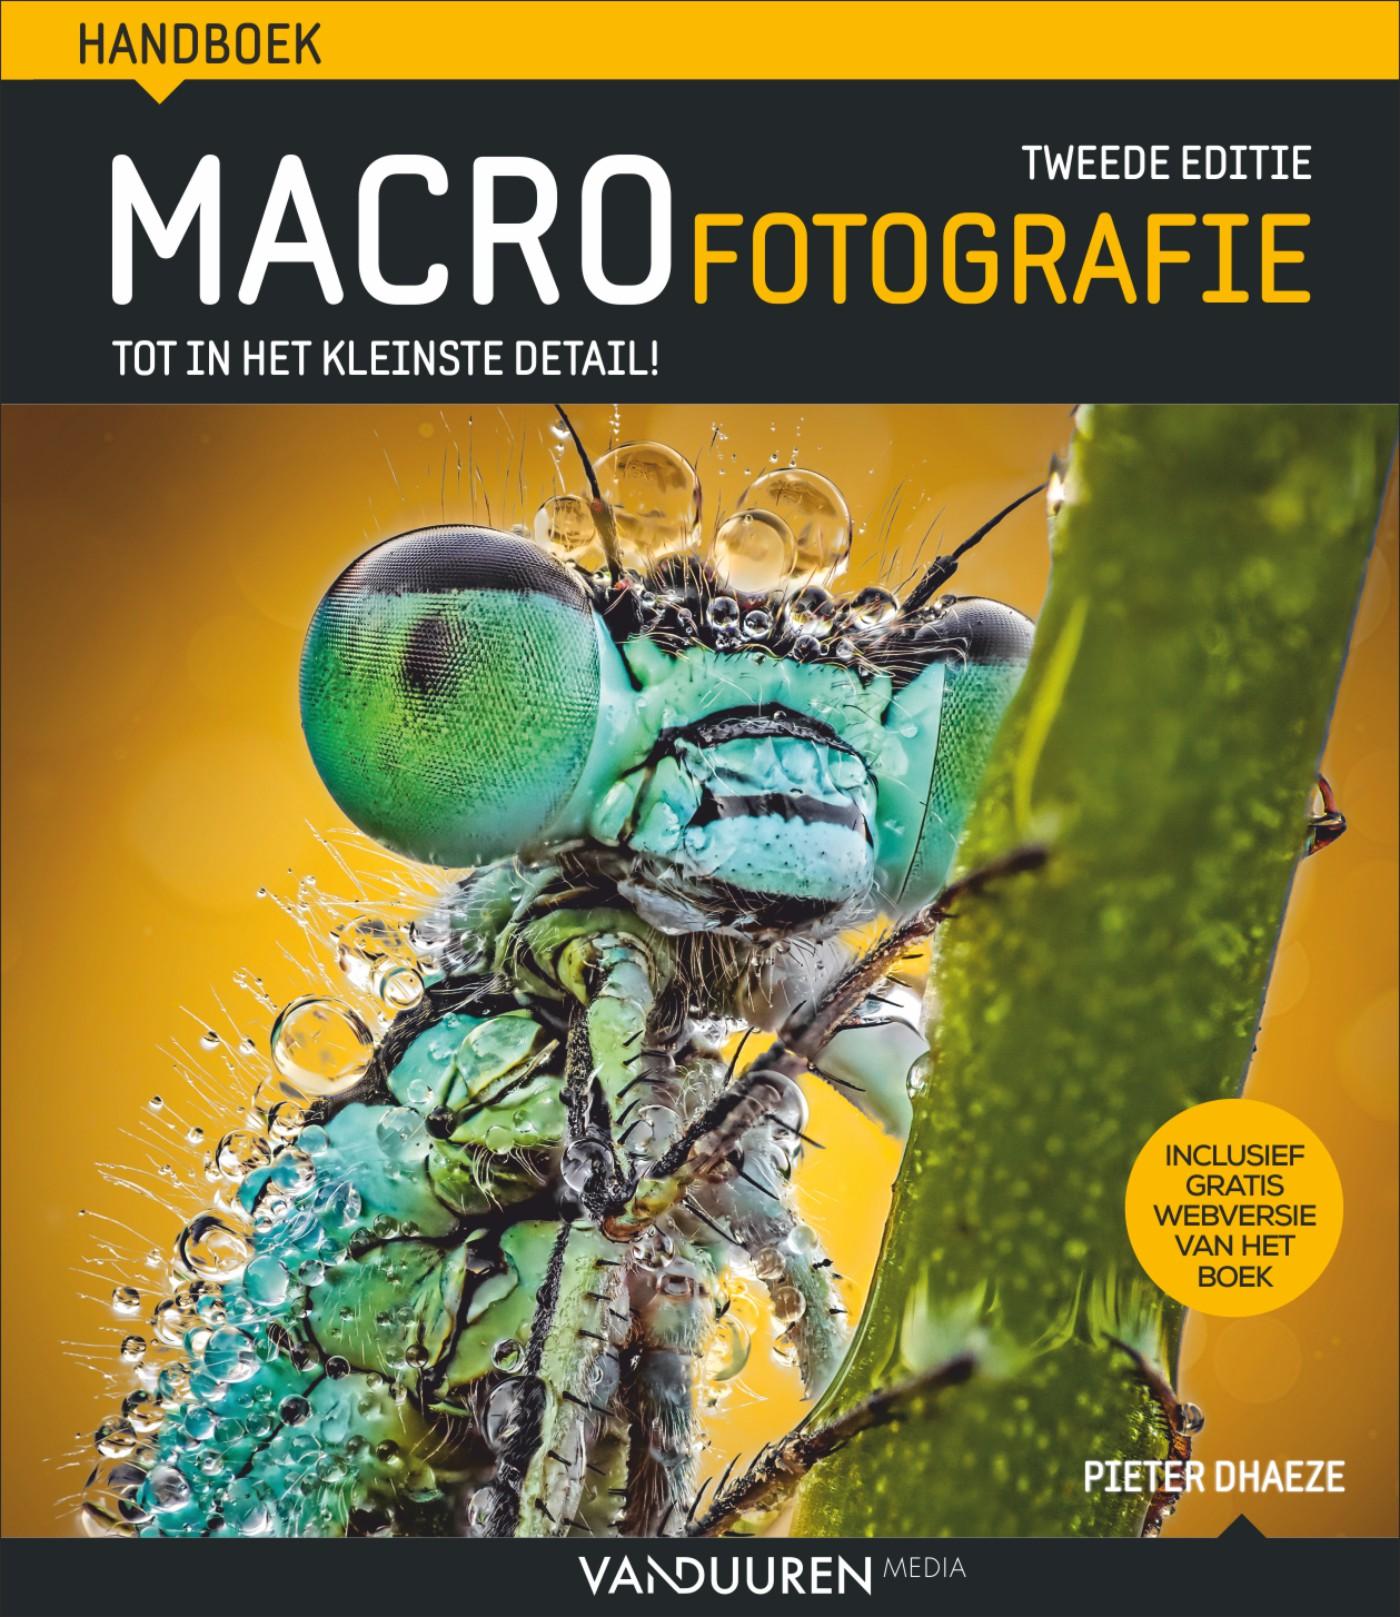 Handboek Macrofotografie, tweede editie- Pieter Dhaeze, isbn 9789463561693